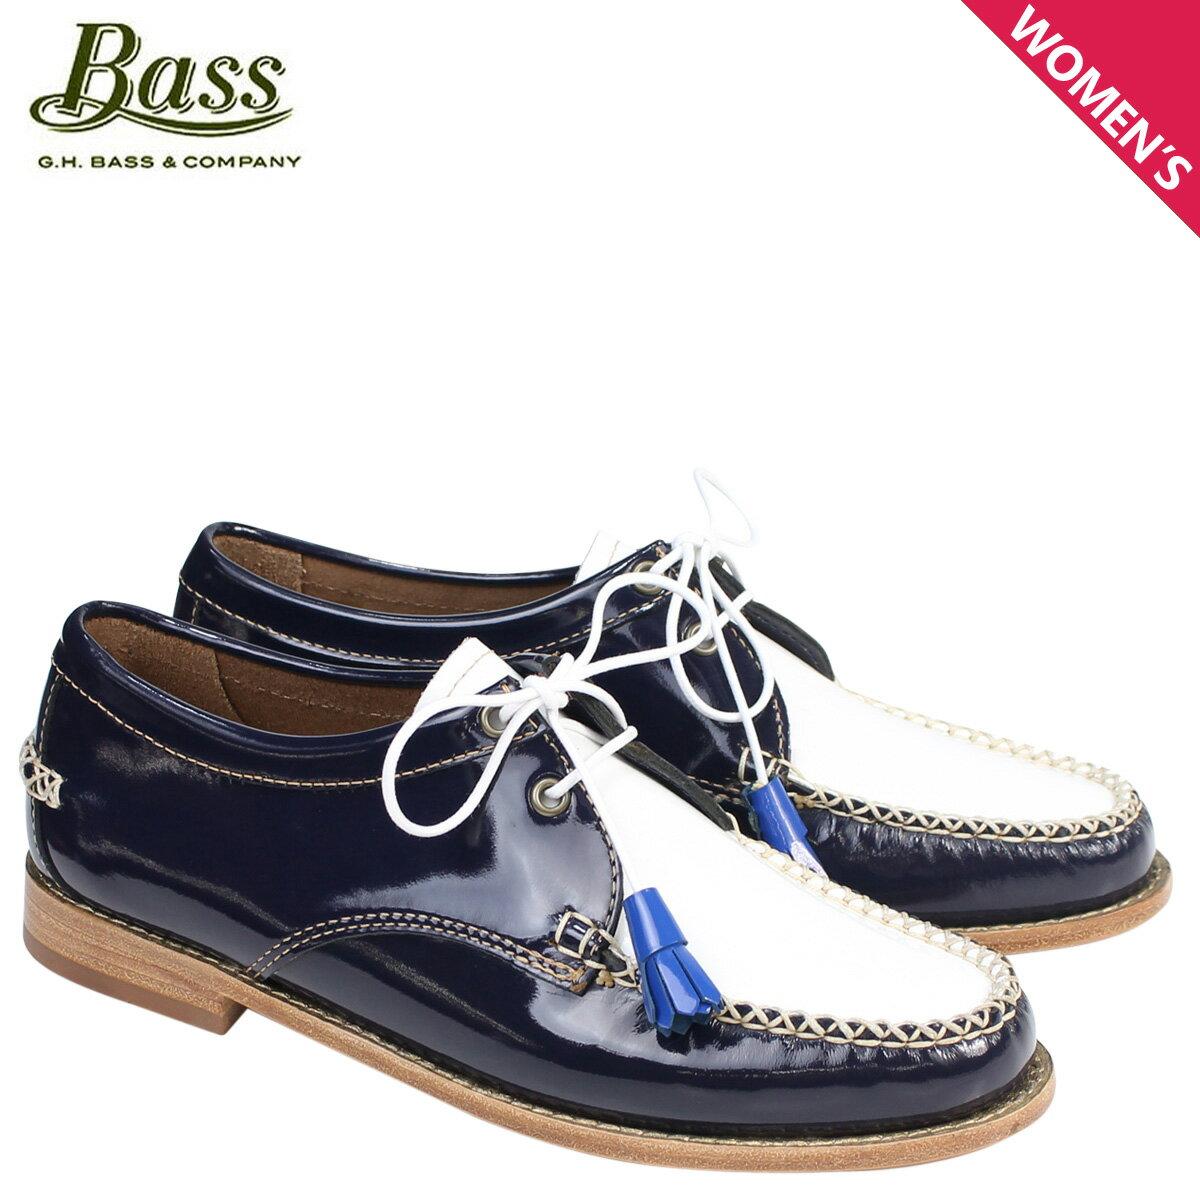 ジーエイチバス ローファー G.H. BASS レディース タッセル WINNIE TIE WEEJUNS 71-22875 靴 ネイビー ホワイト [177]